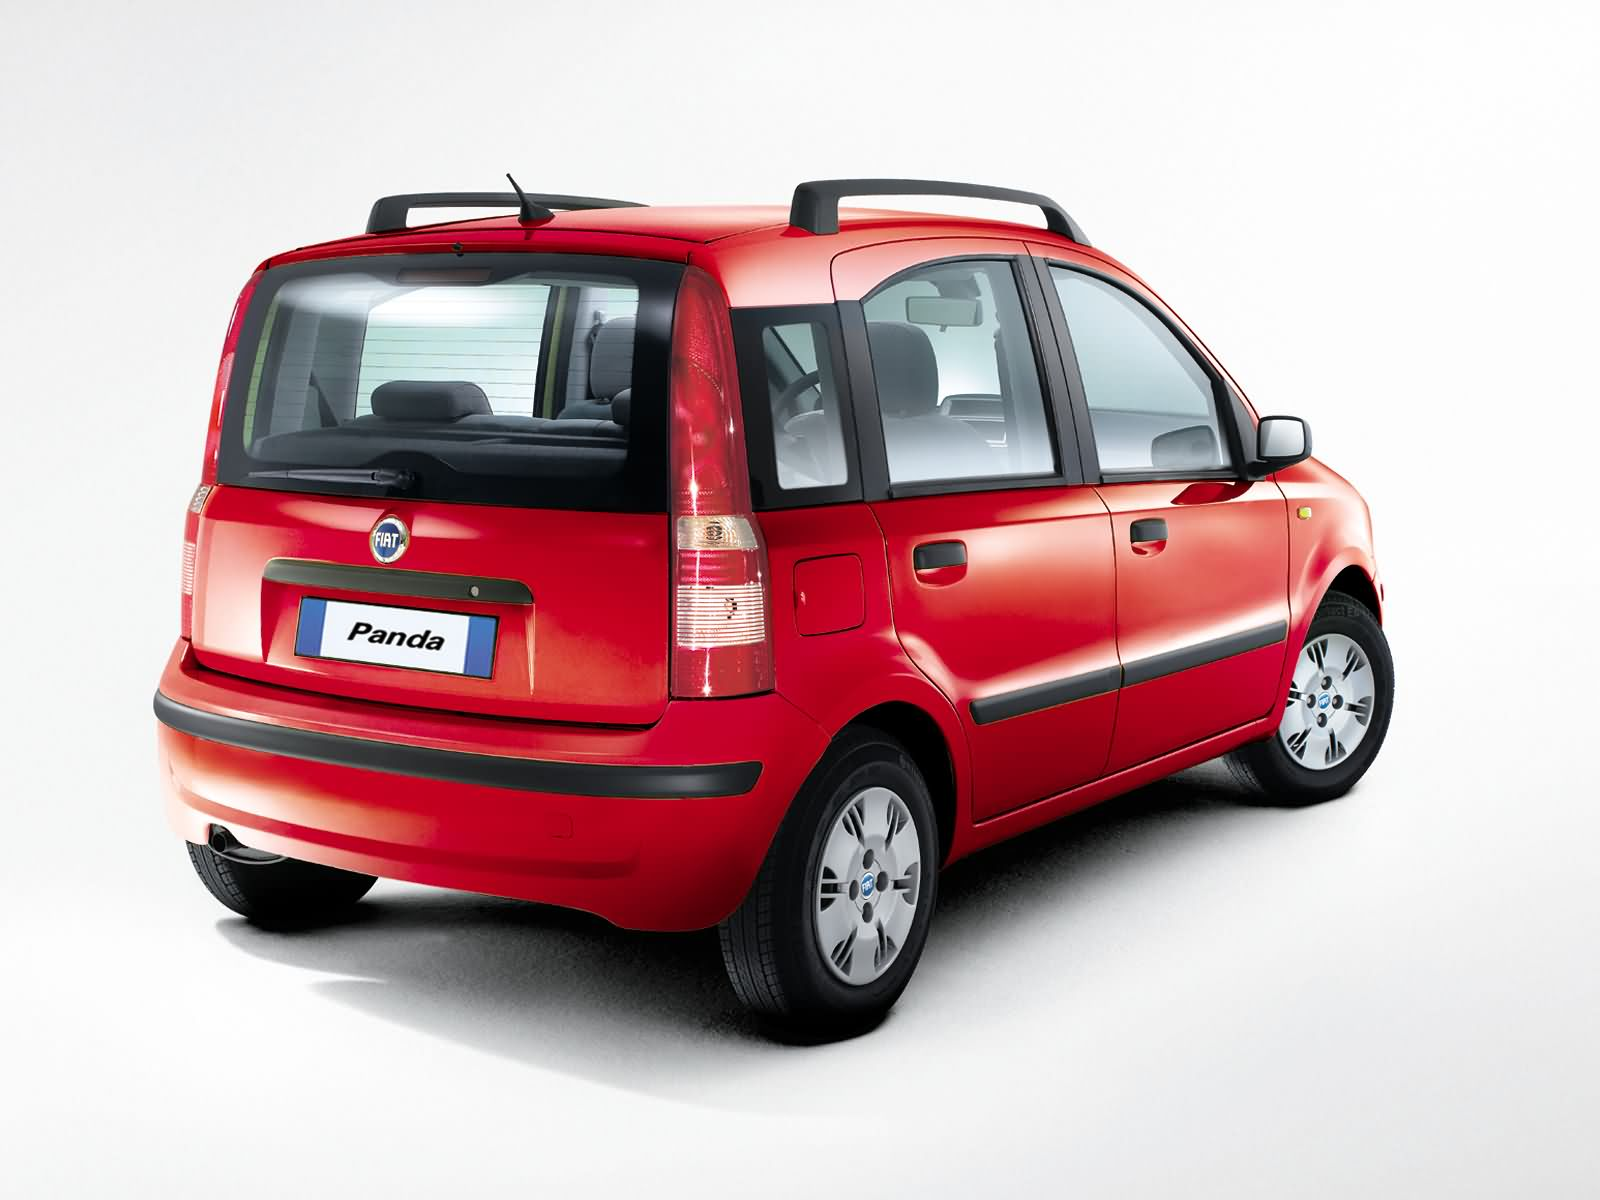 Fiat Panda I 1980 - 2003 Compact MPV #5